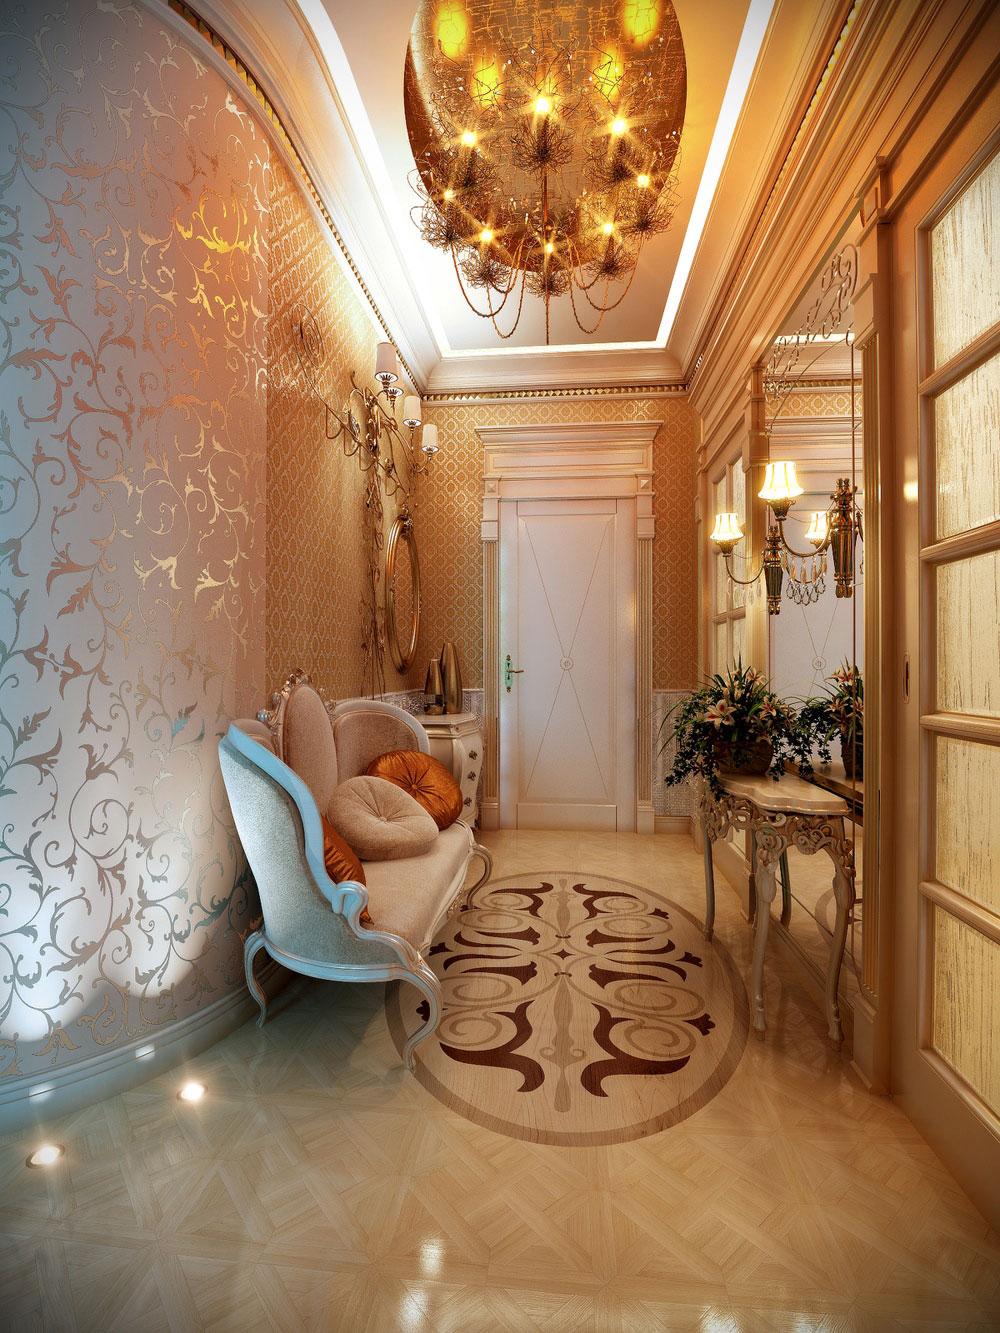 Värm din dag med dessa hall-dekorationsidéer-4 Värm din dag med dessa hall-dekorationsidéer